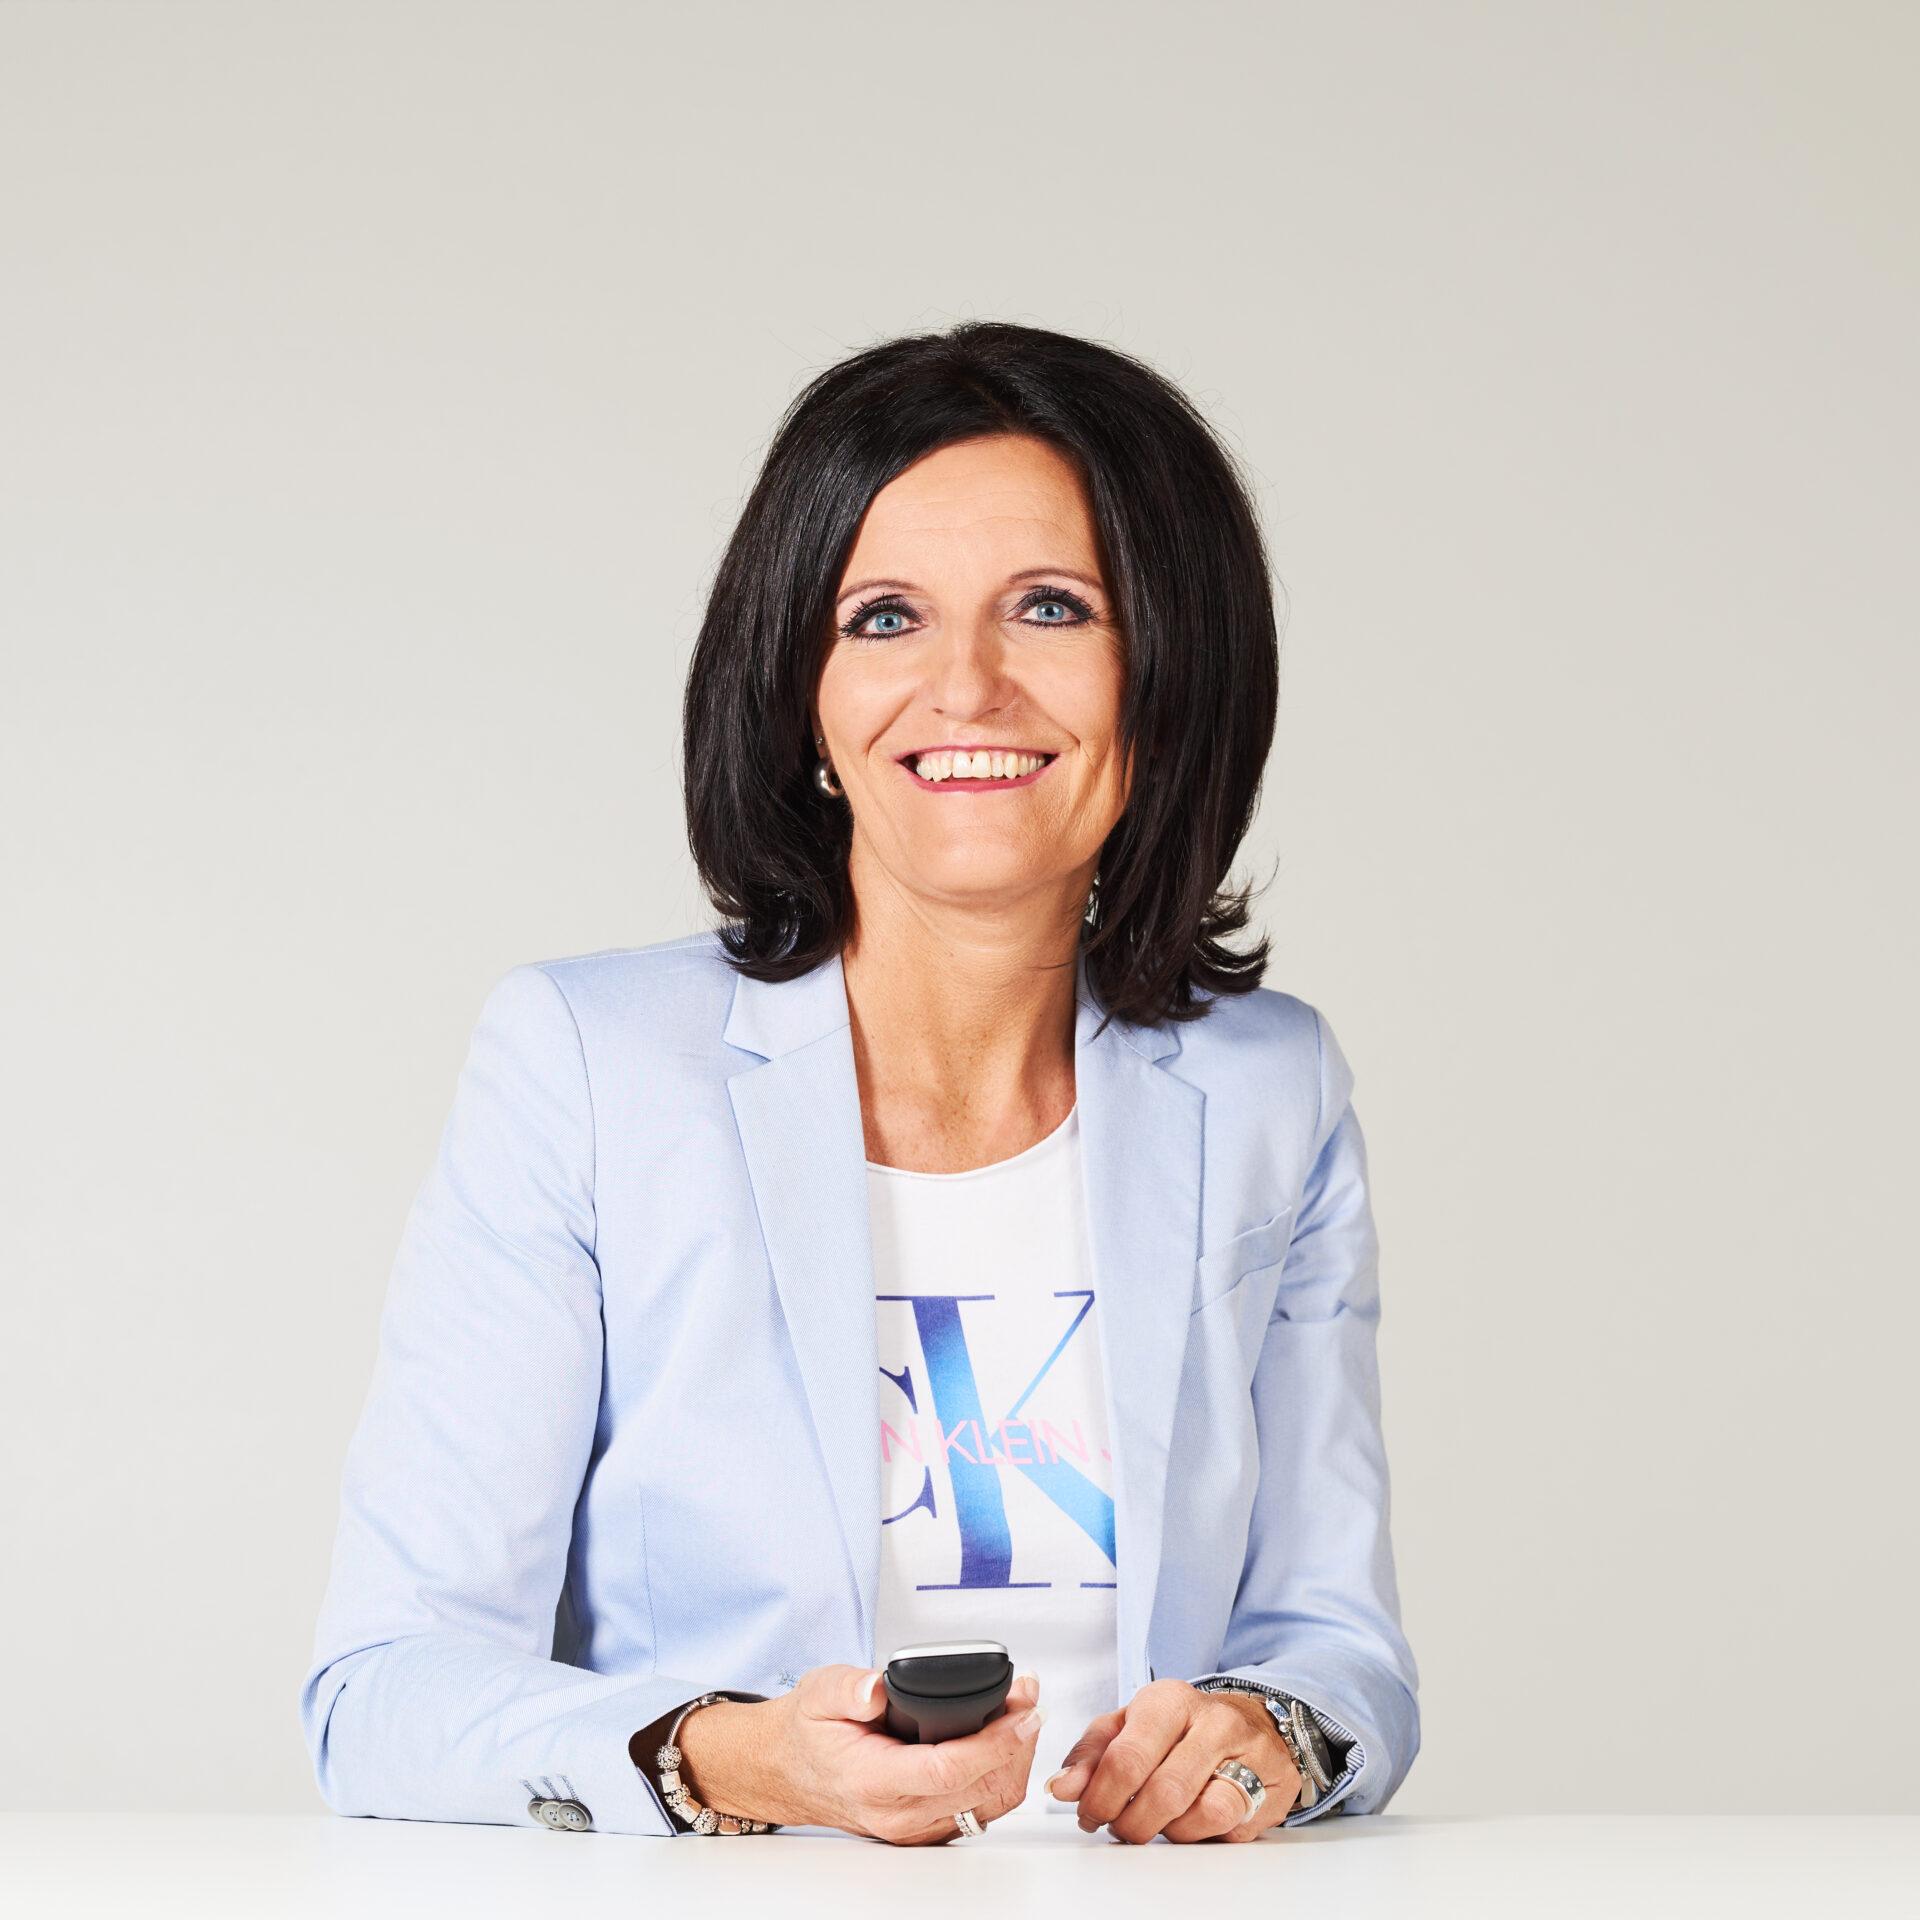 Erika Aregger